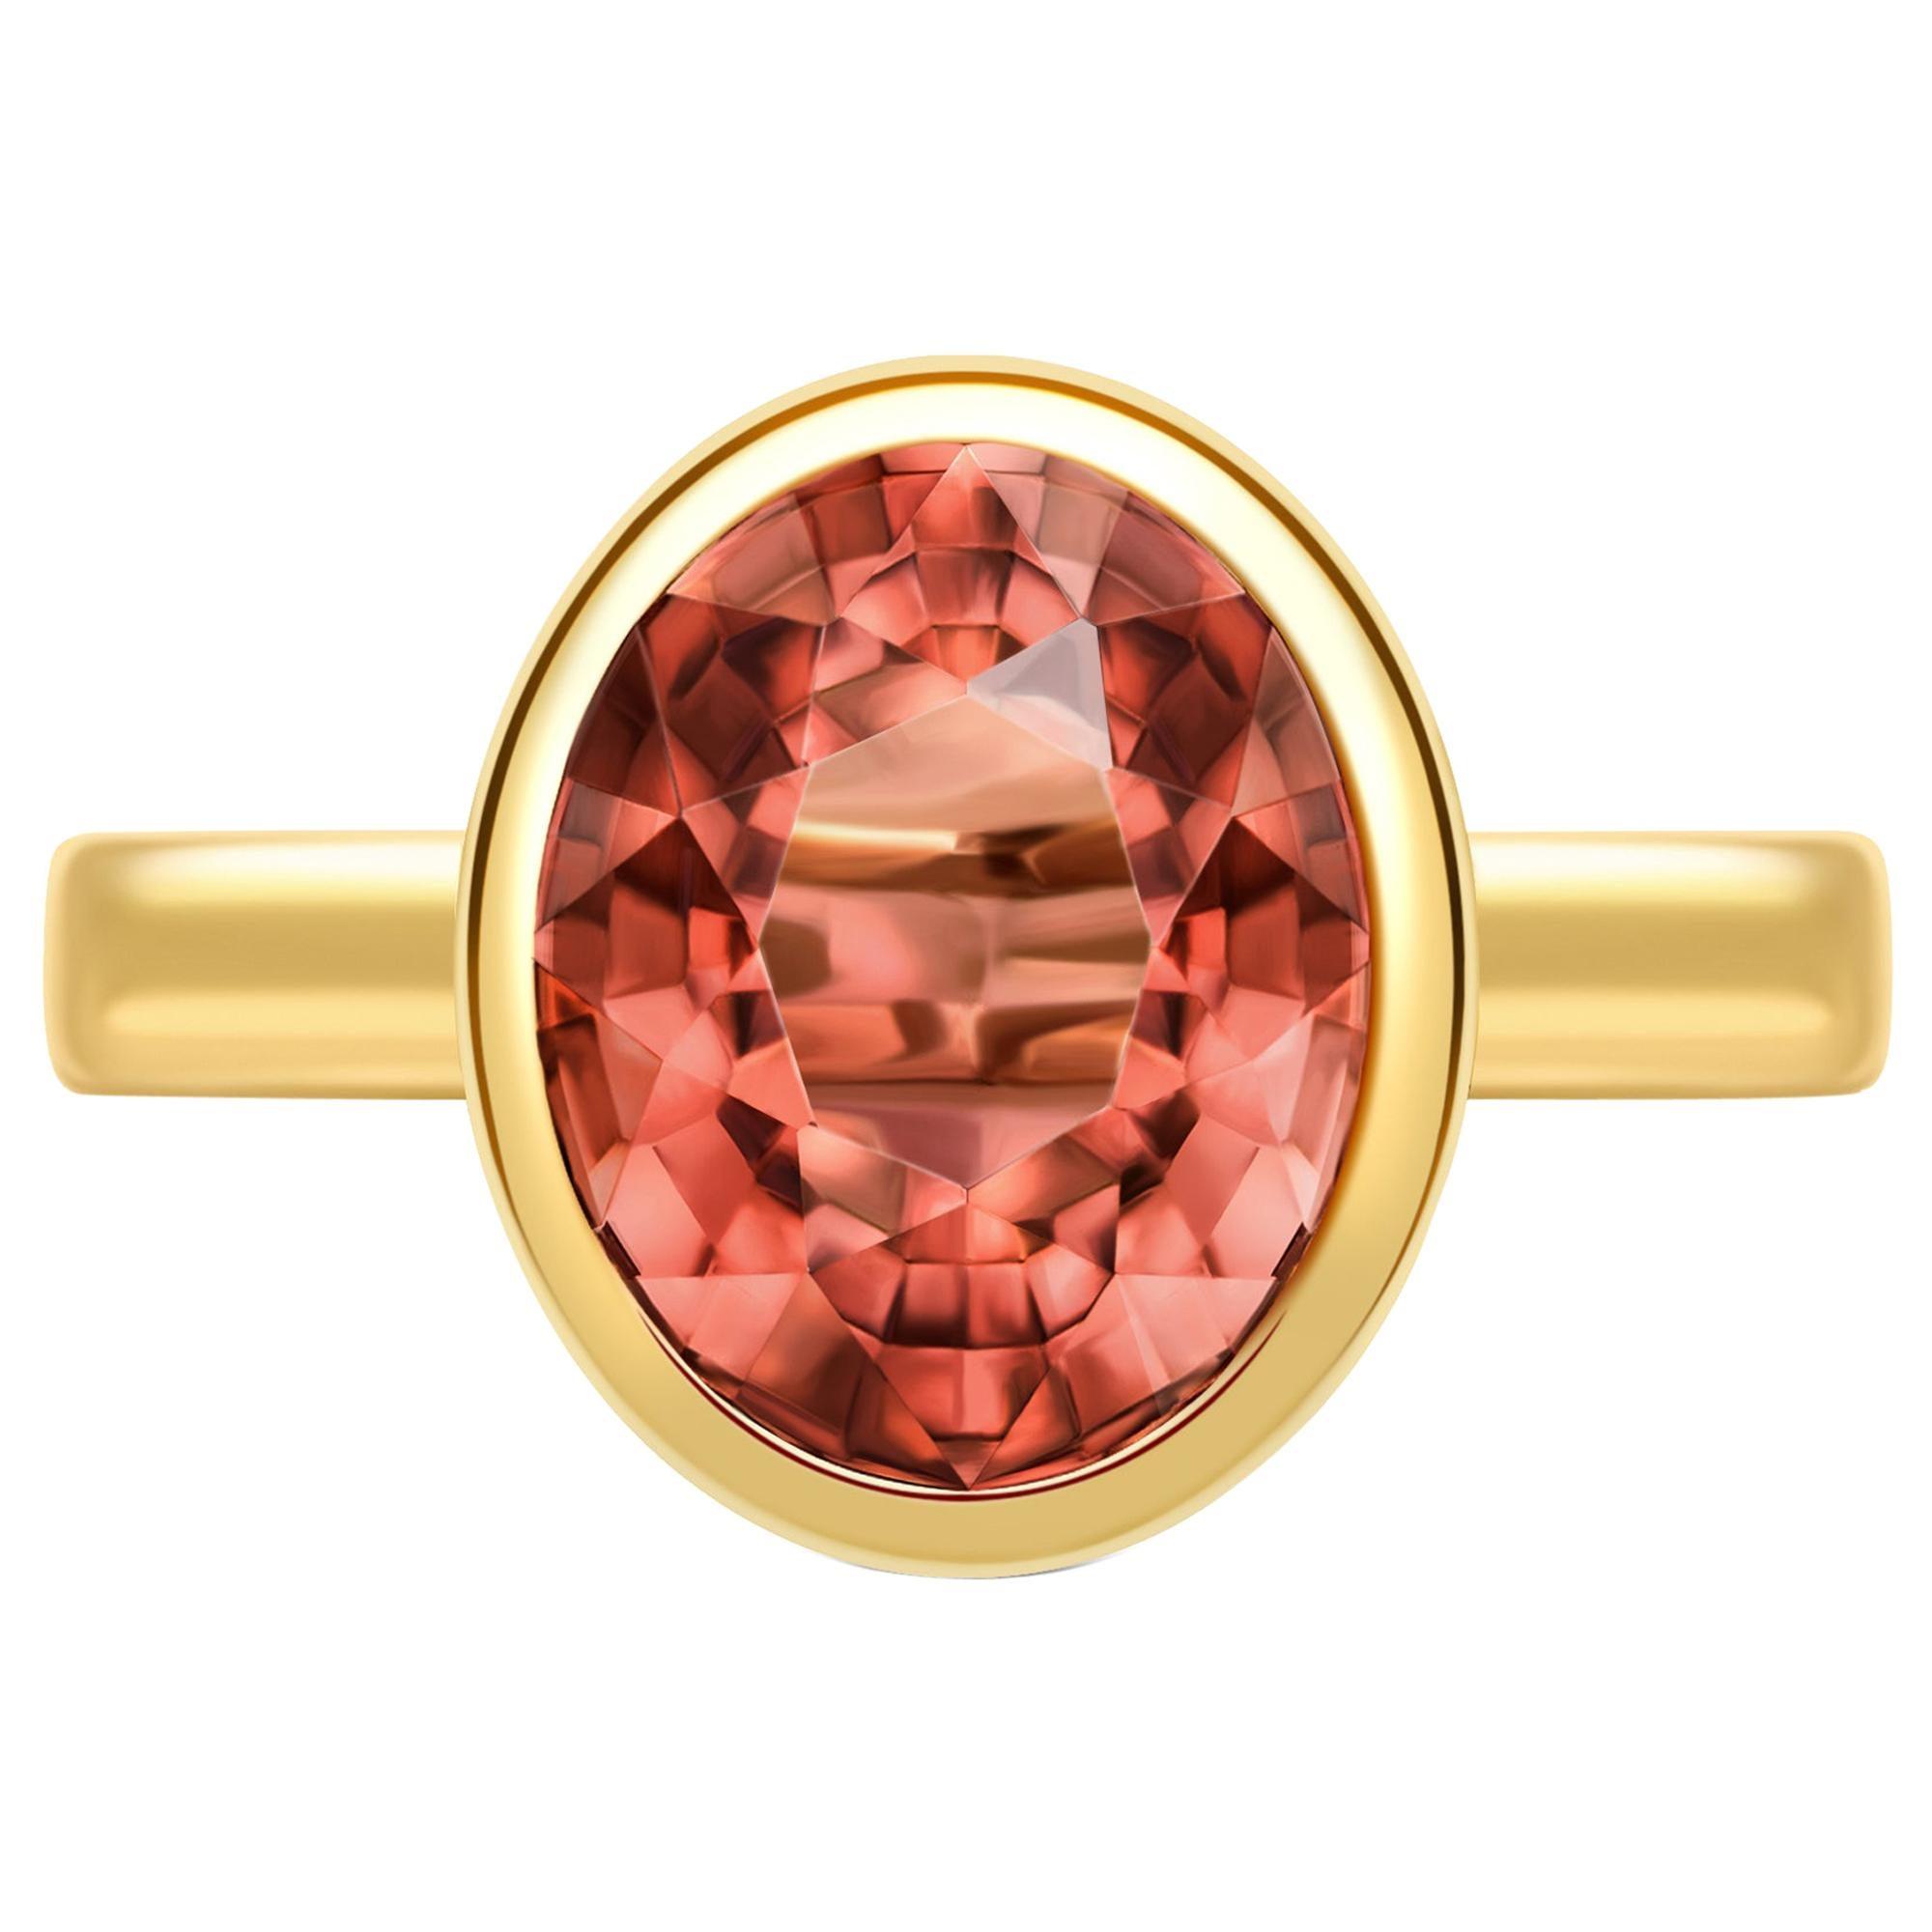 3.5 Carat Tourmaline 14 Karat Yellow Gold Ring